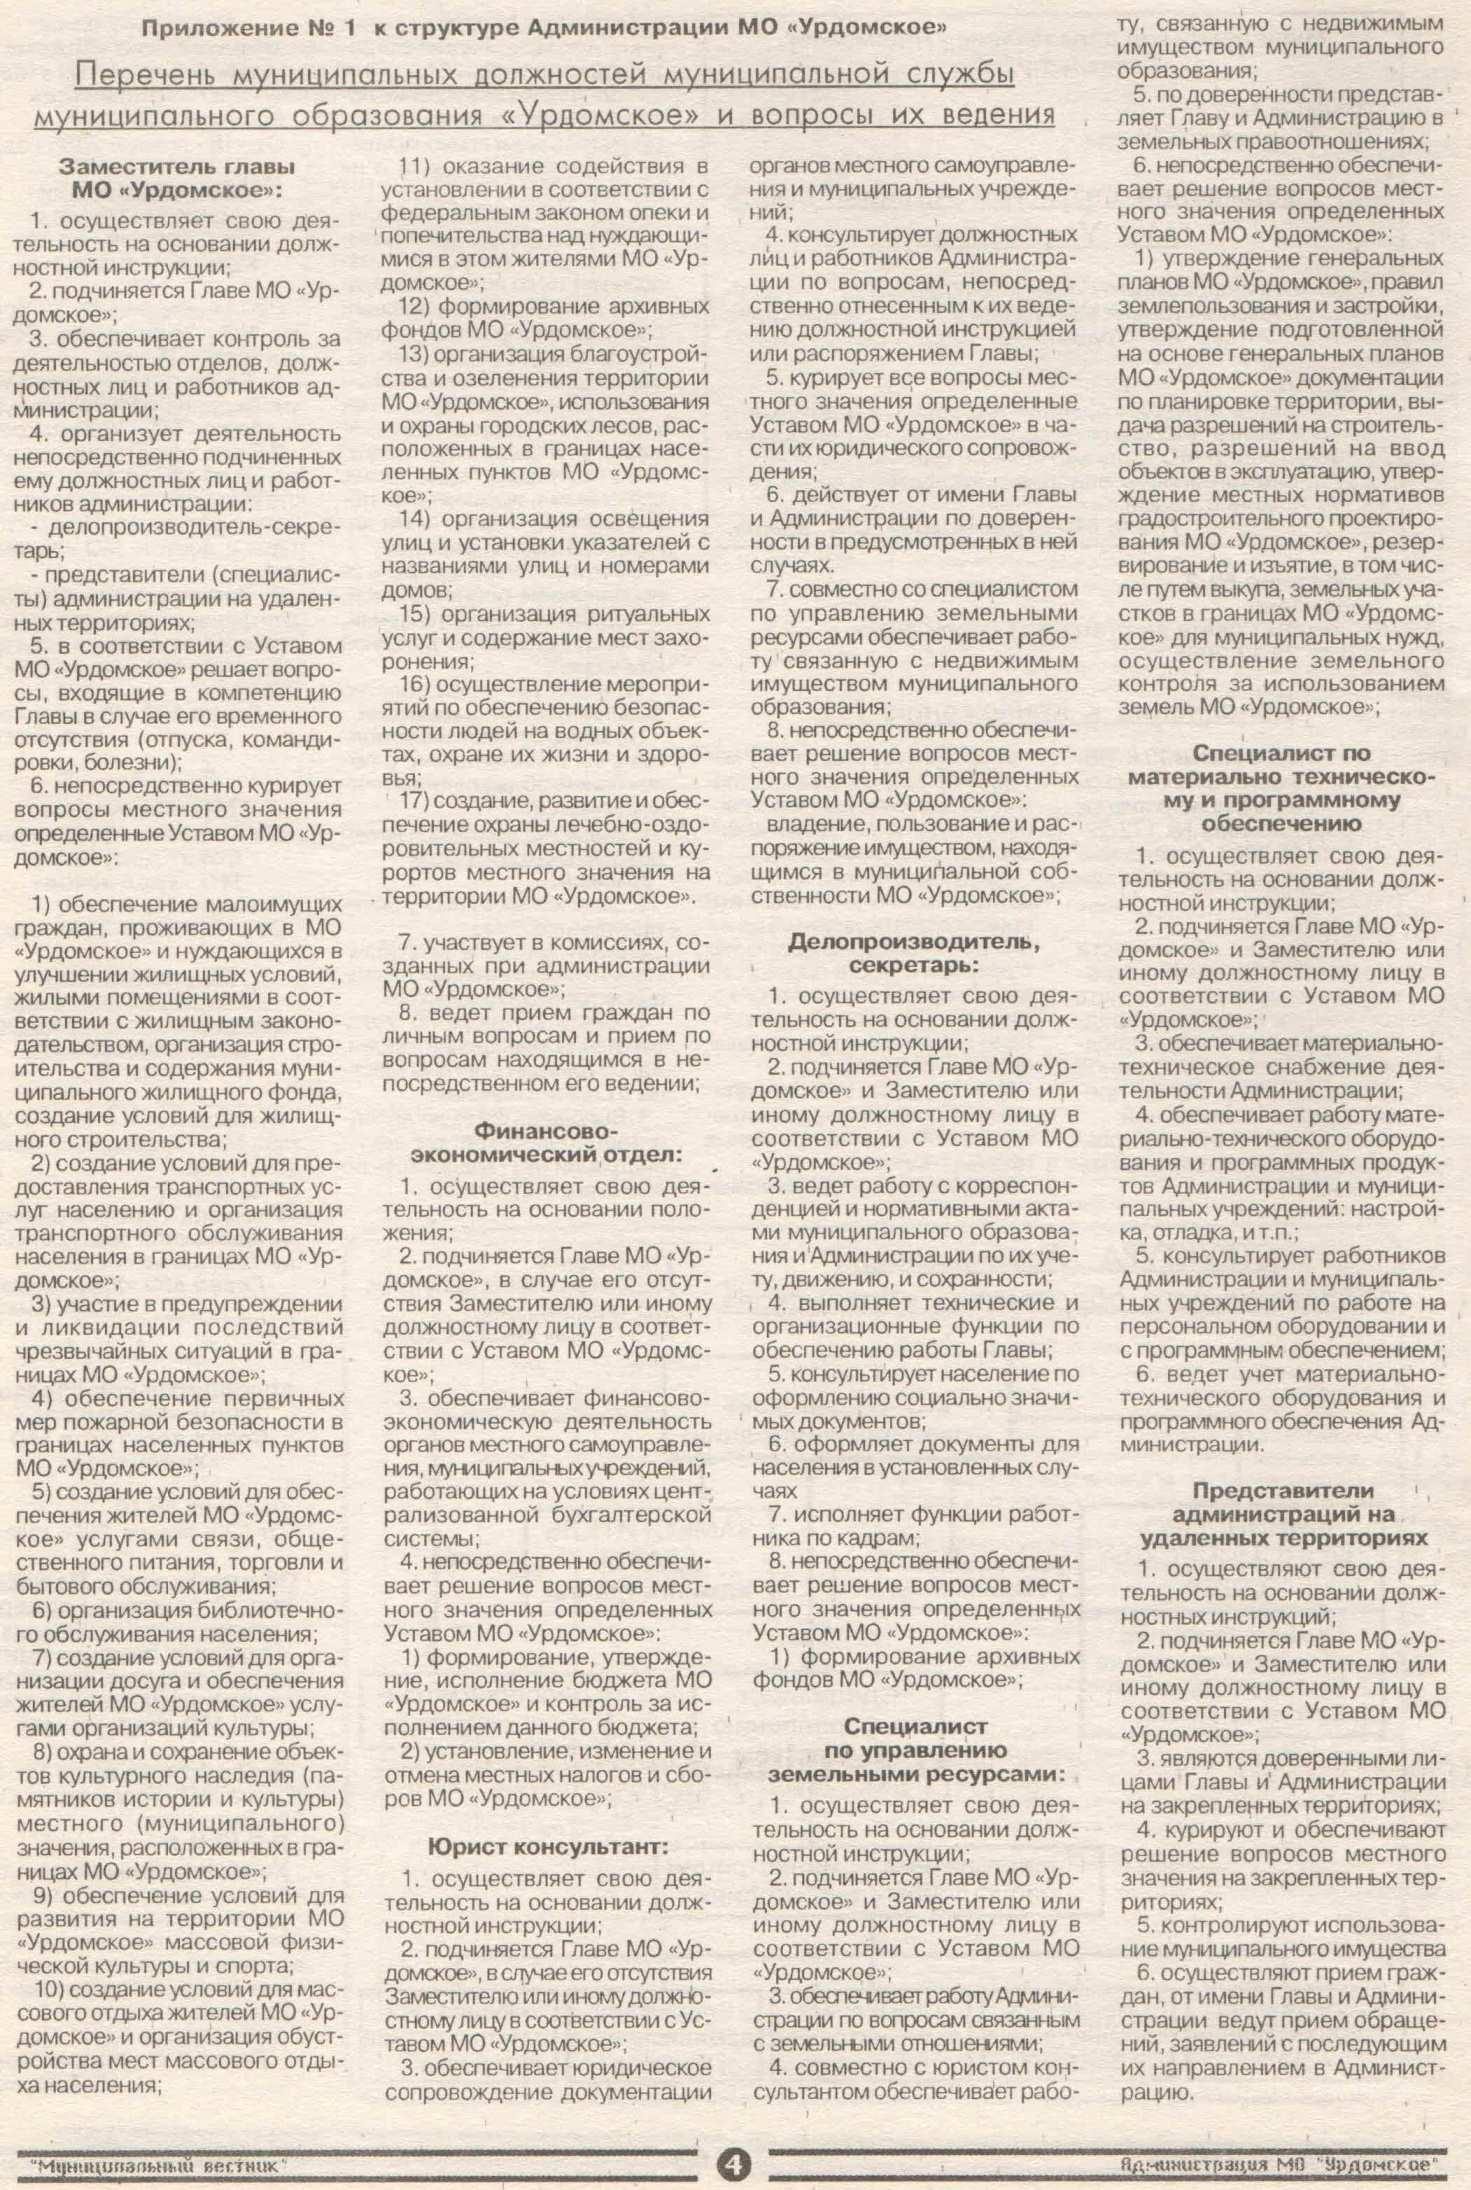 Муниципальный вестник 1 от 04 мая 2007 (4)